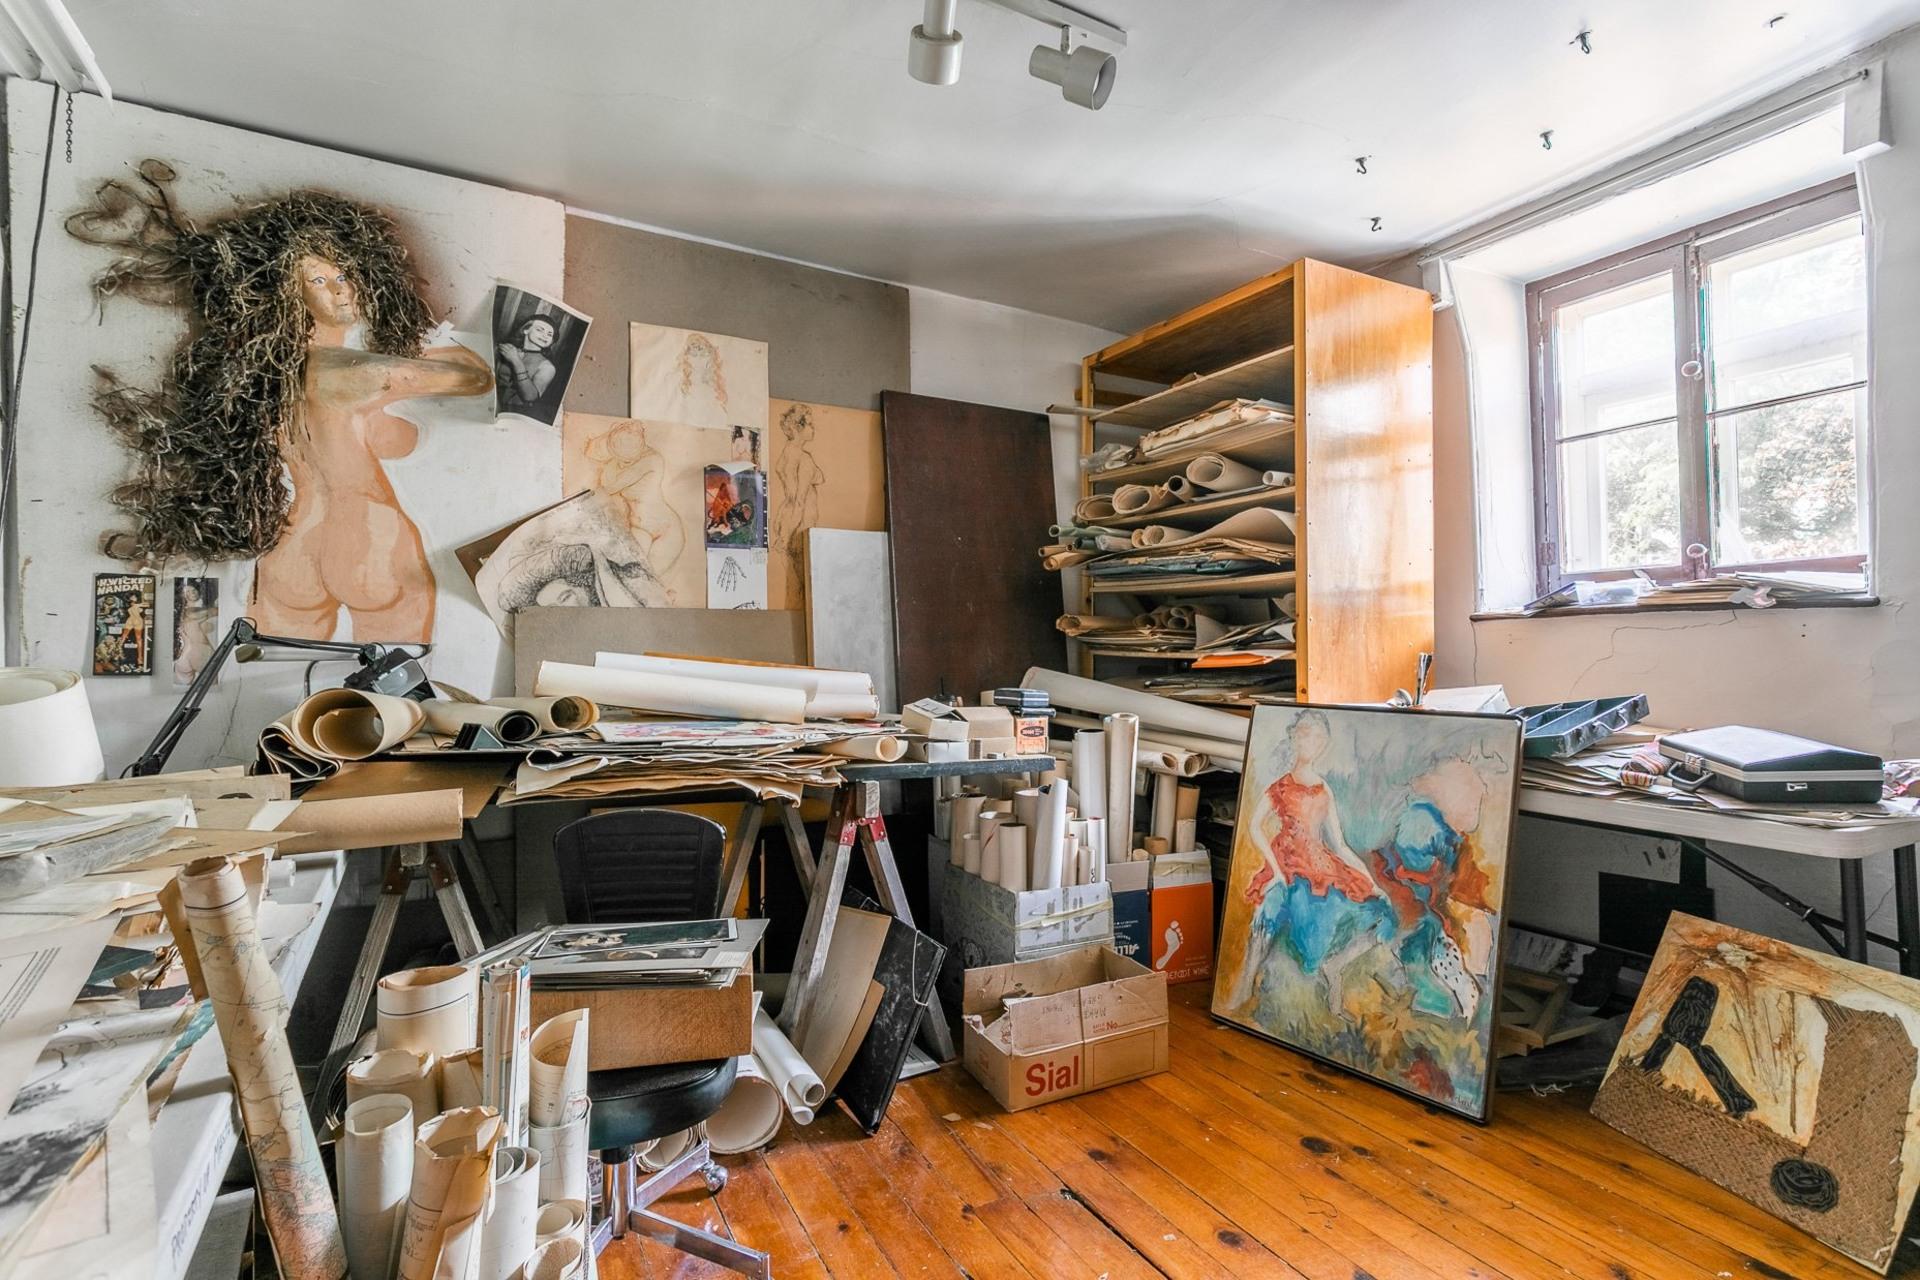 image 17 - Maison À vendre Le Plateau-Mont-Royal Montréal  - 7 pièces